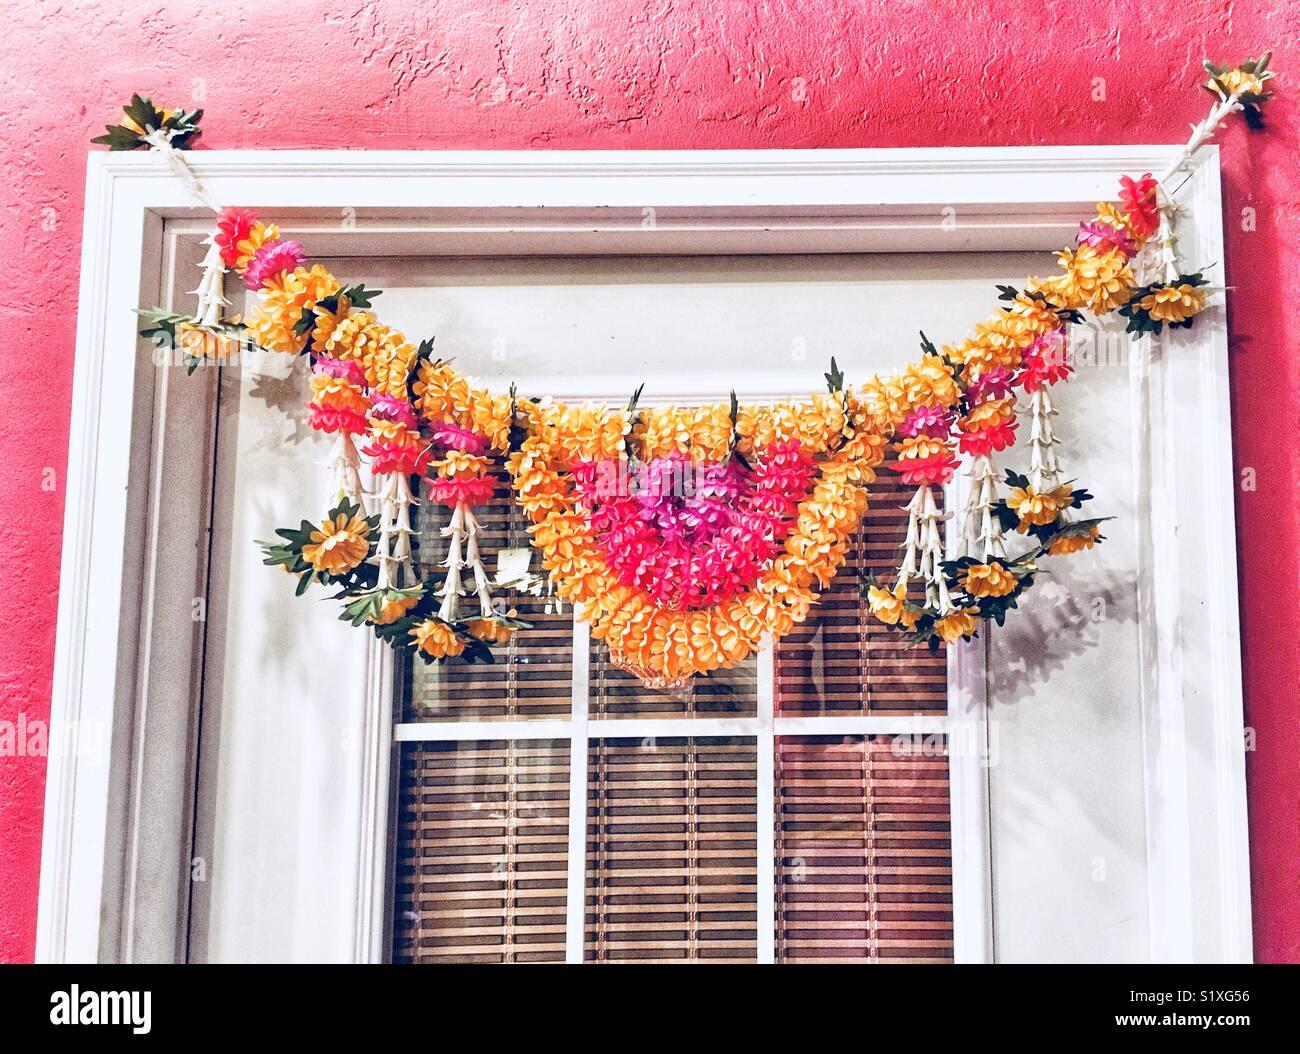 Flower Garland Over Door Of Asian Restaurant